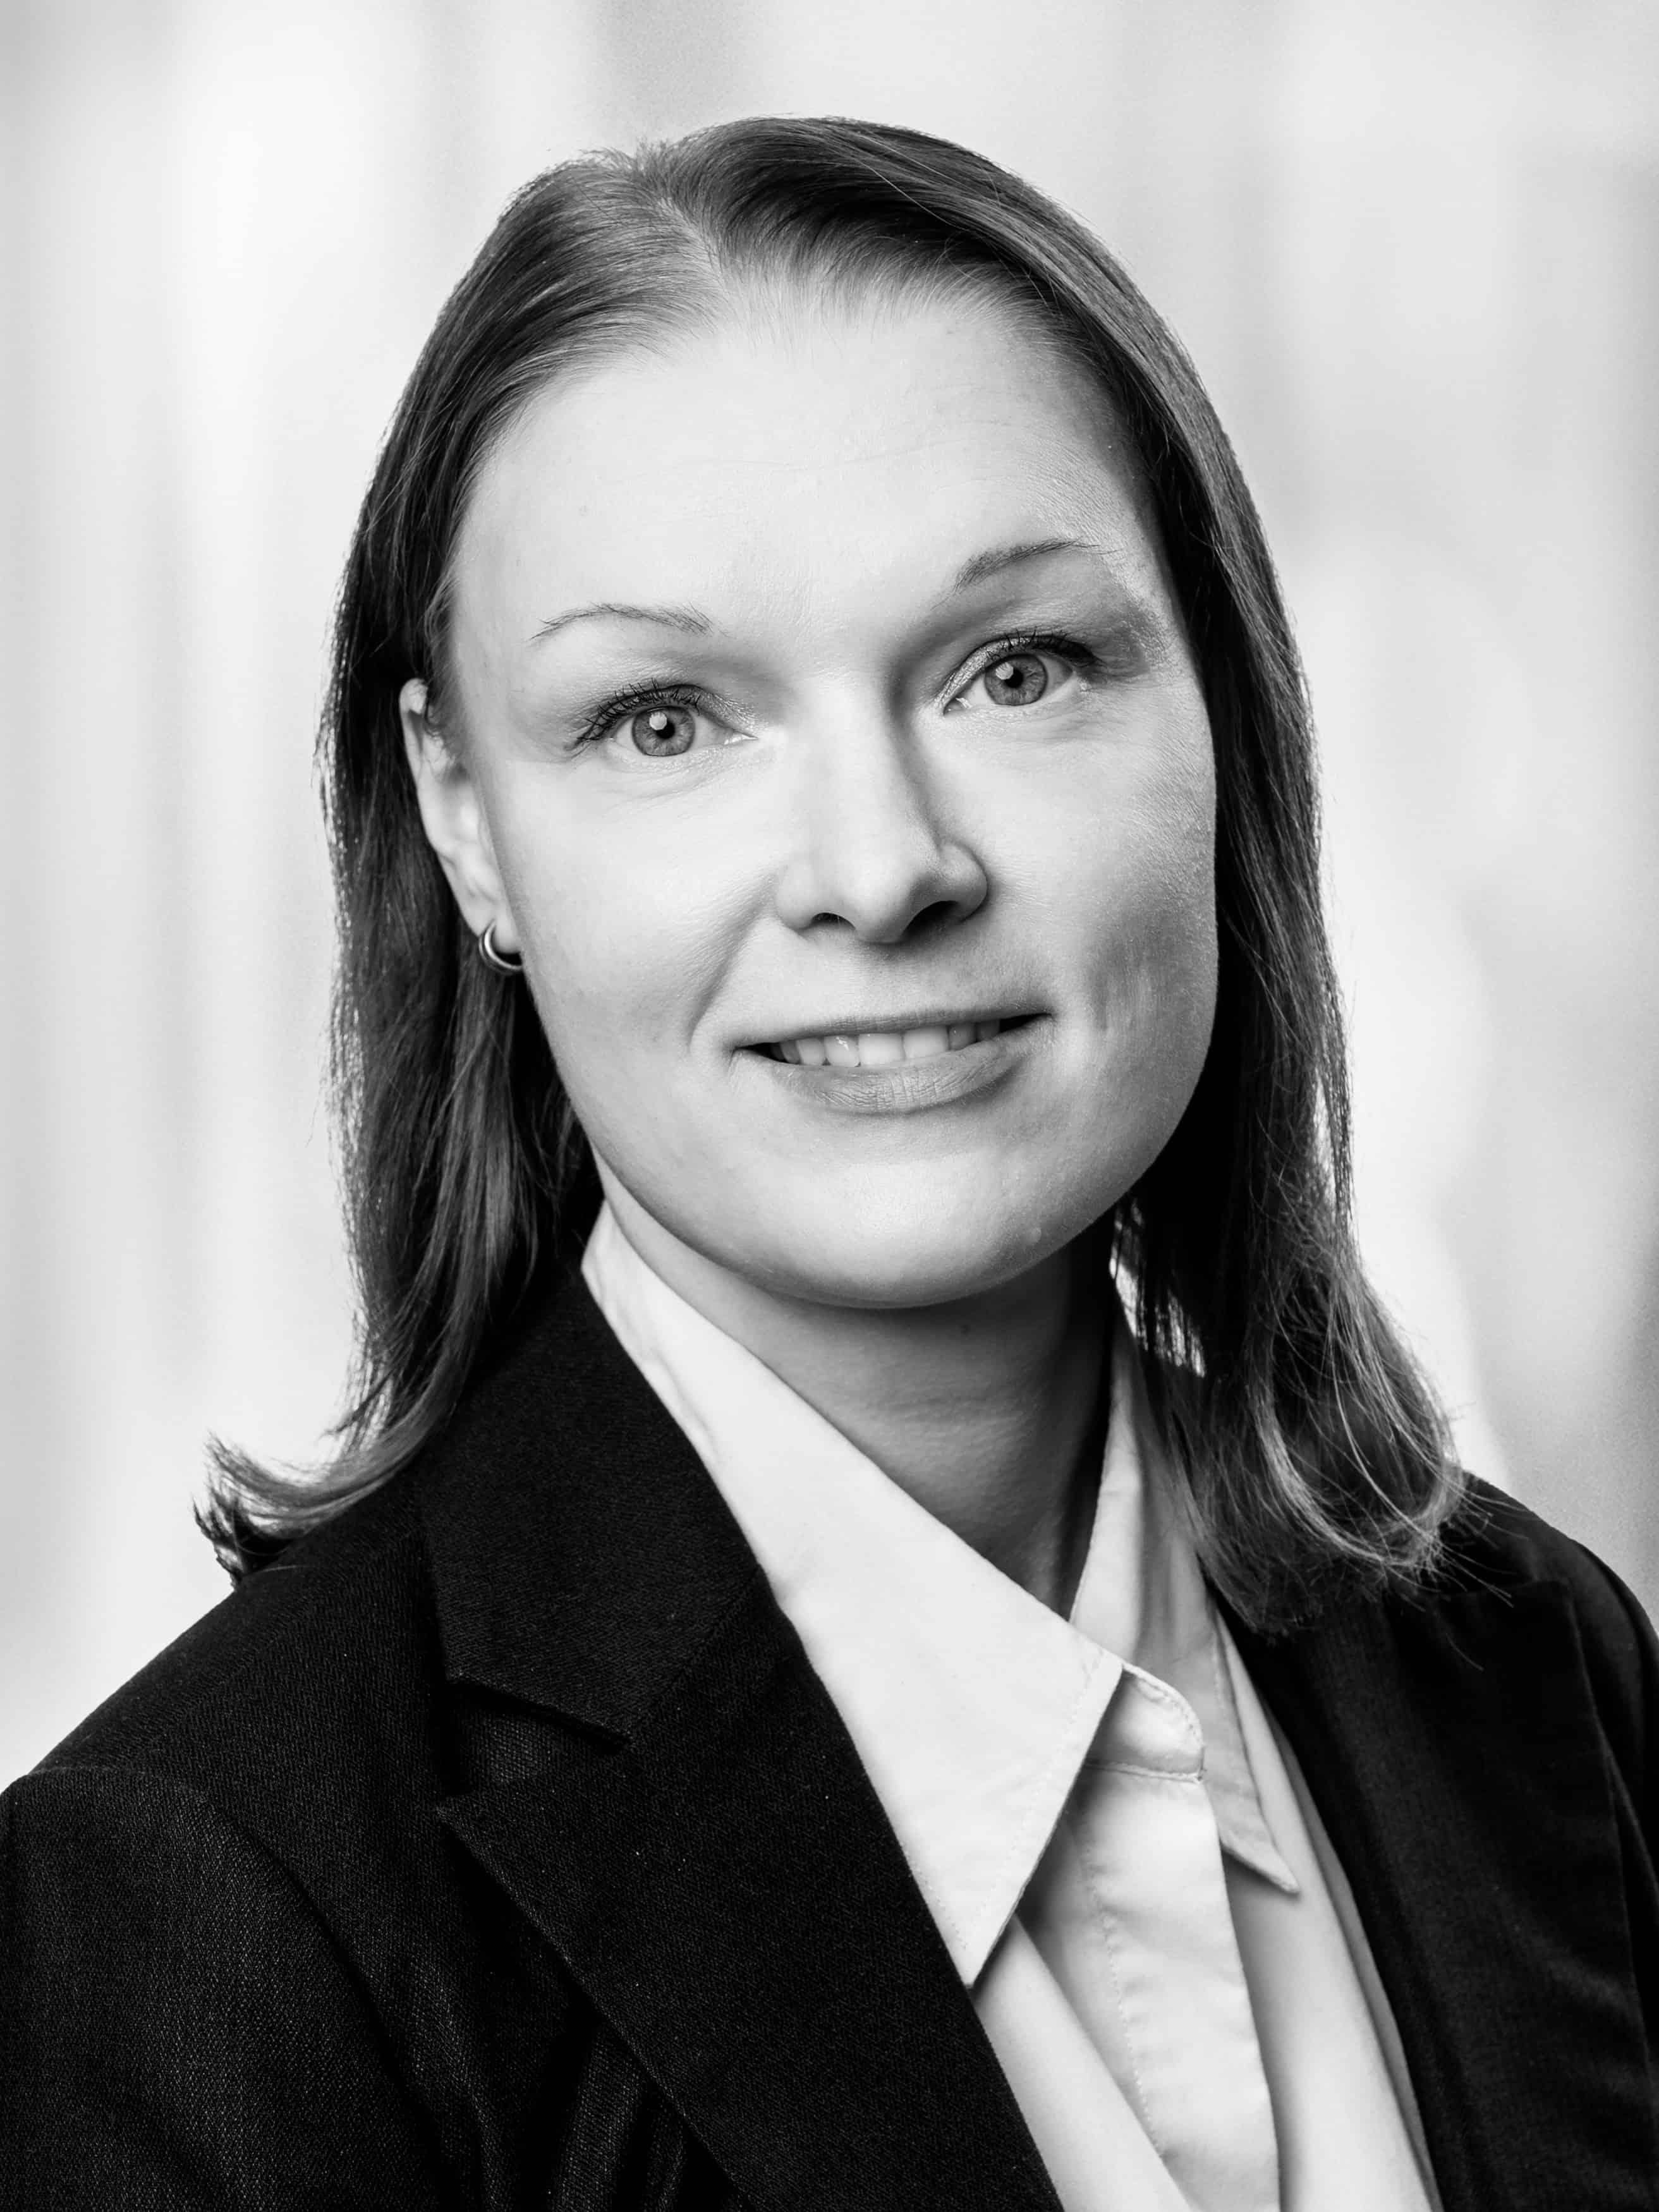 Marjo-Riitta Heiskanen